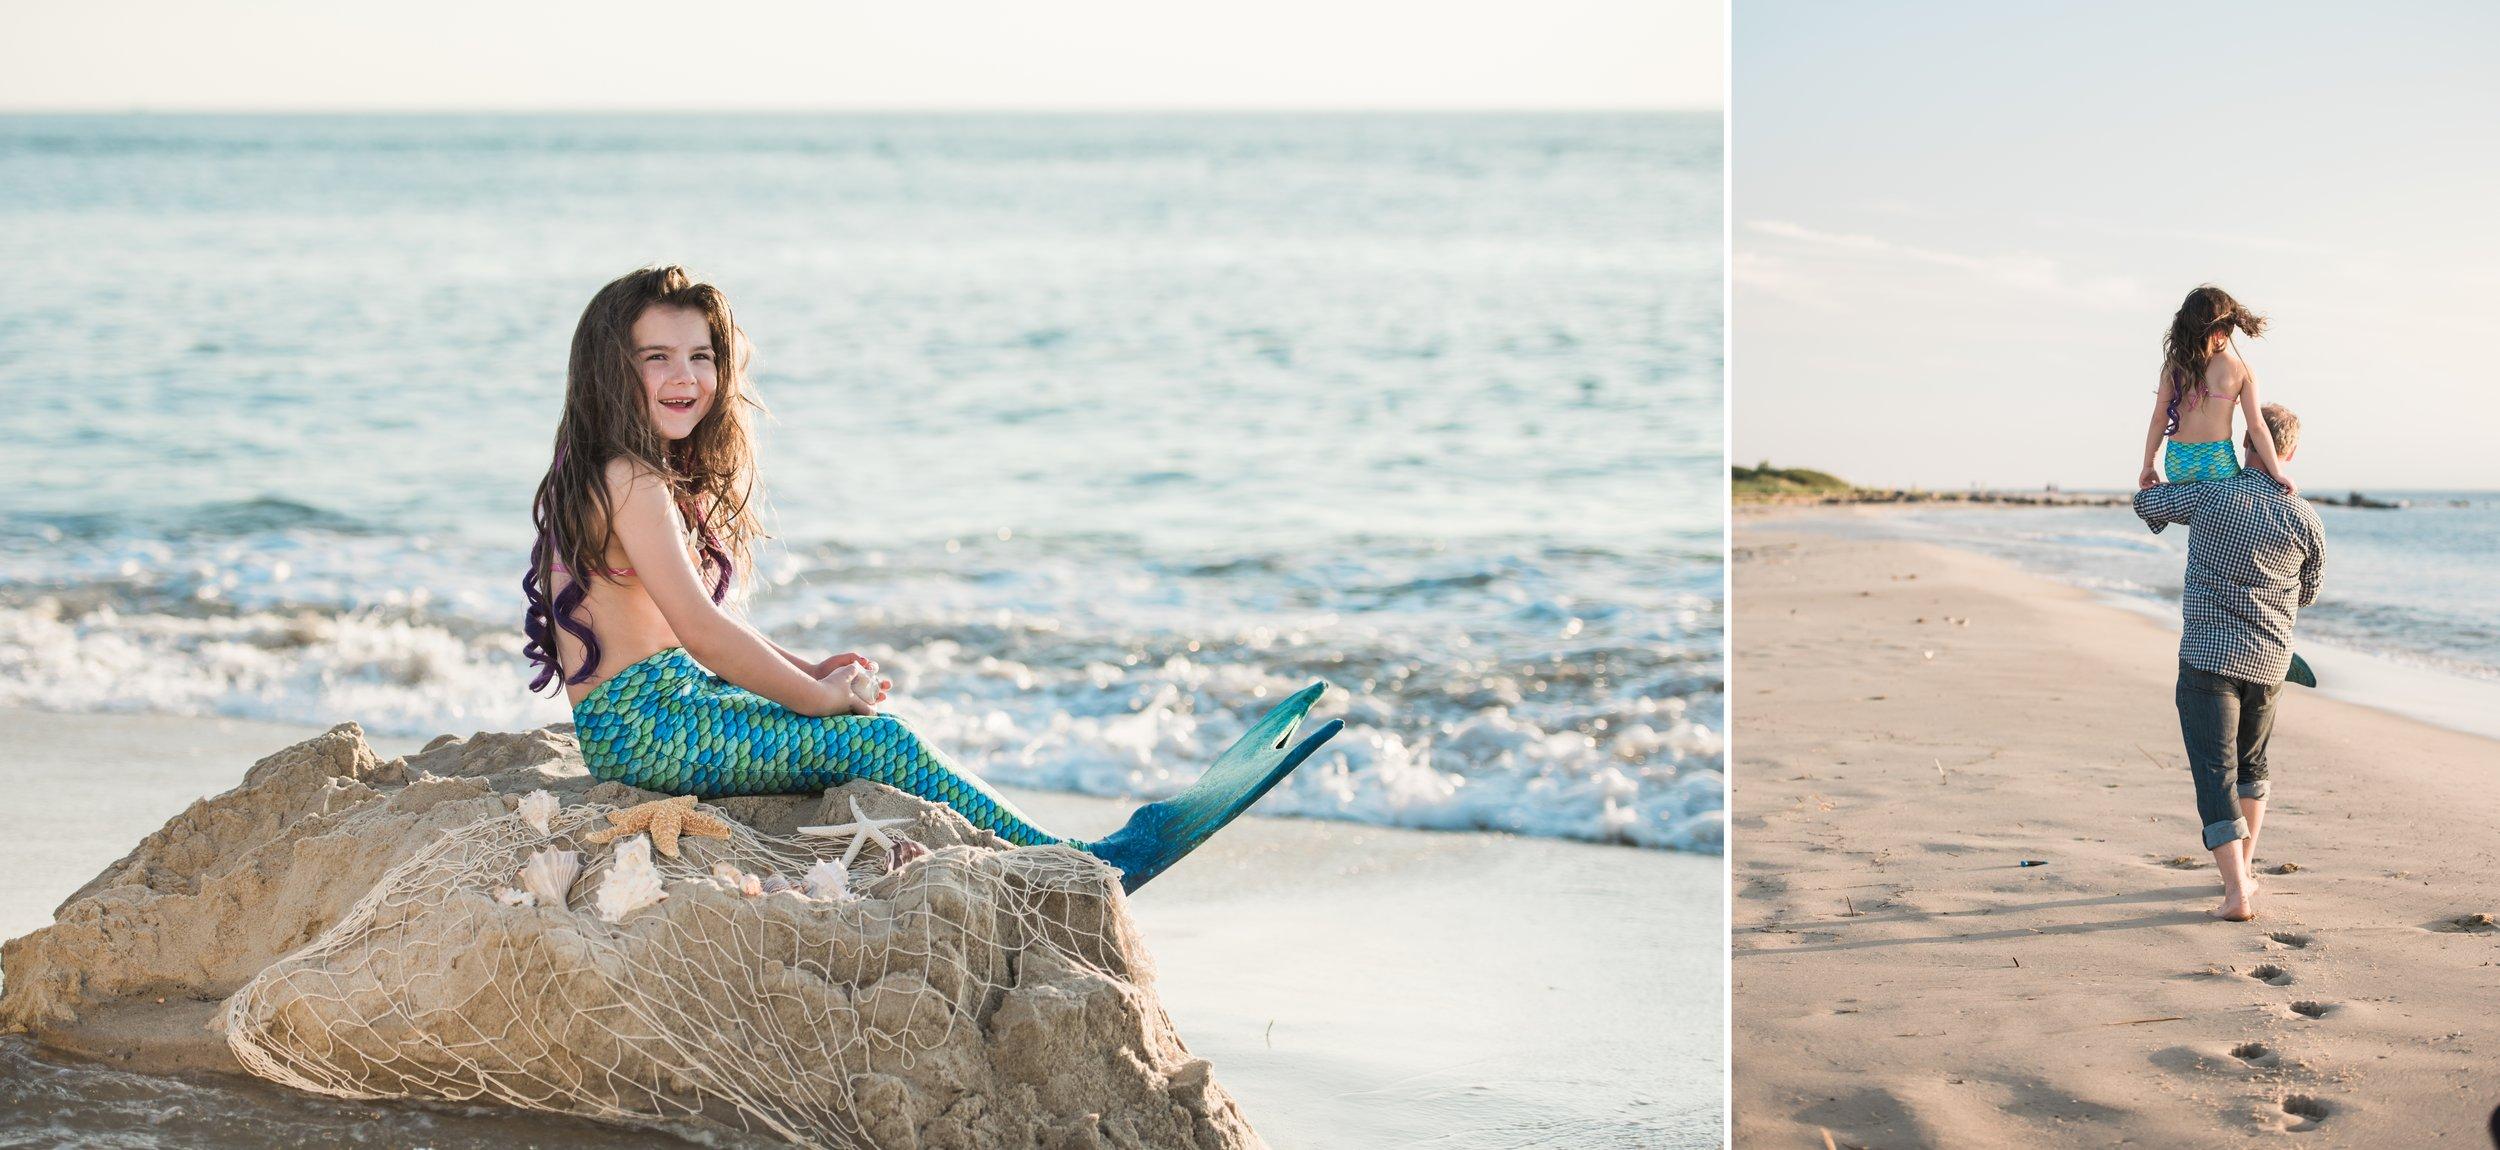 lauren mermaid 3.jpg